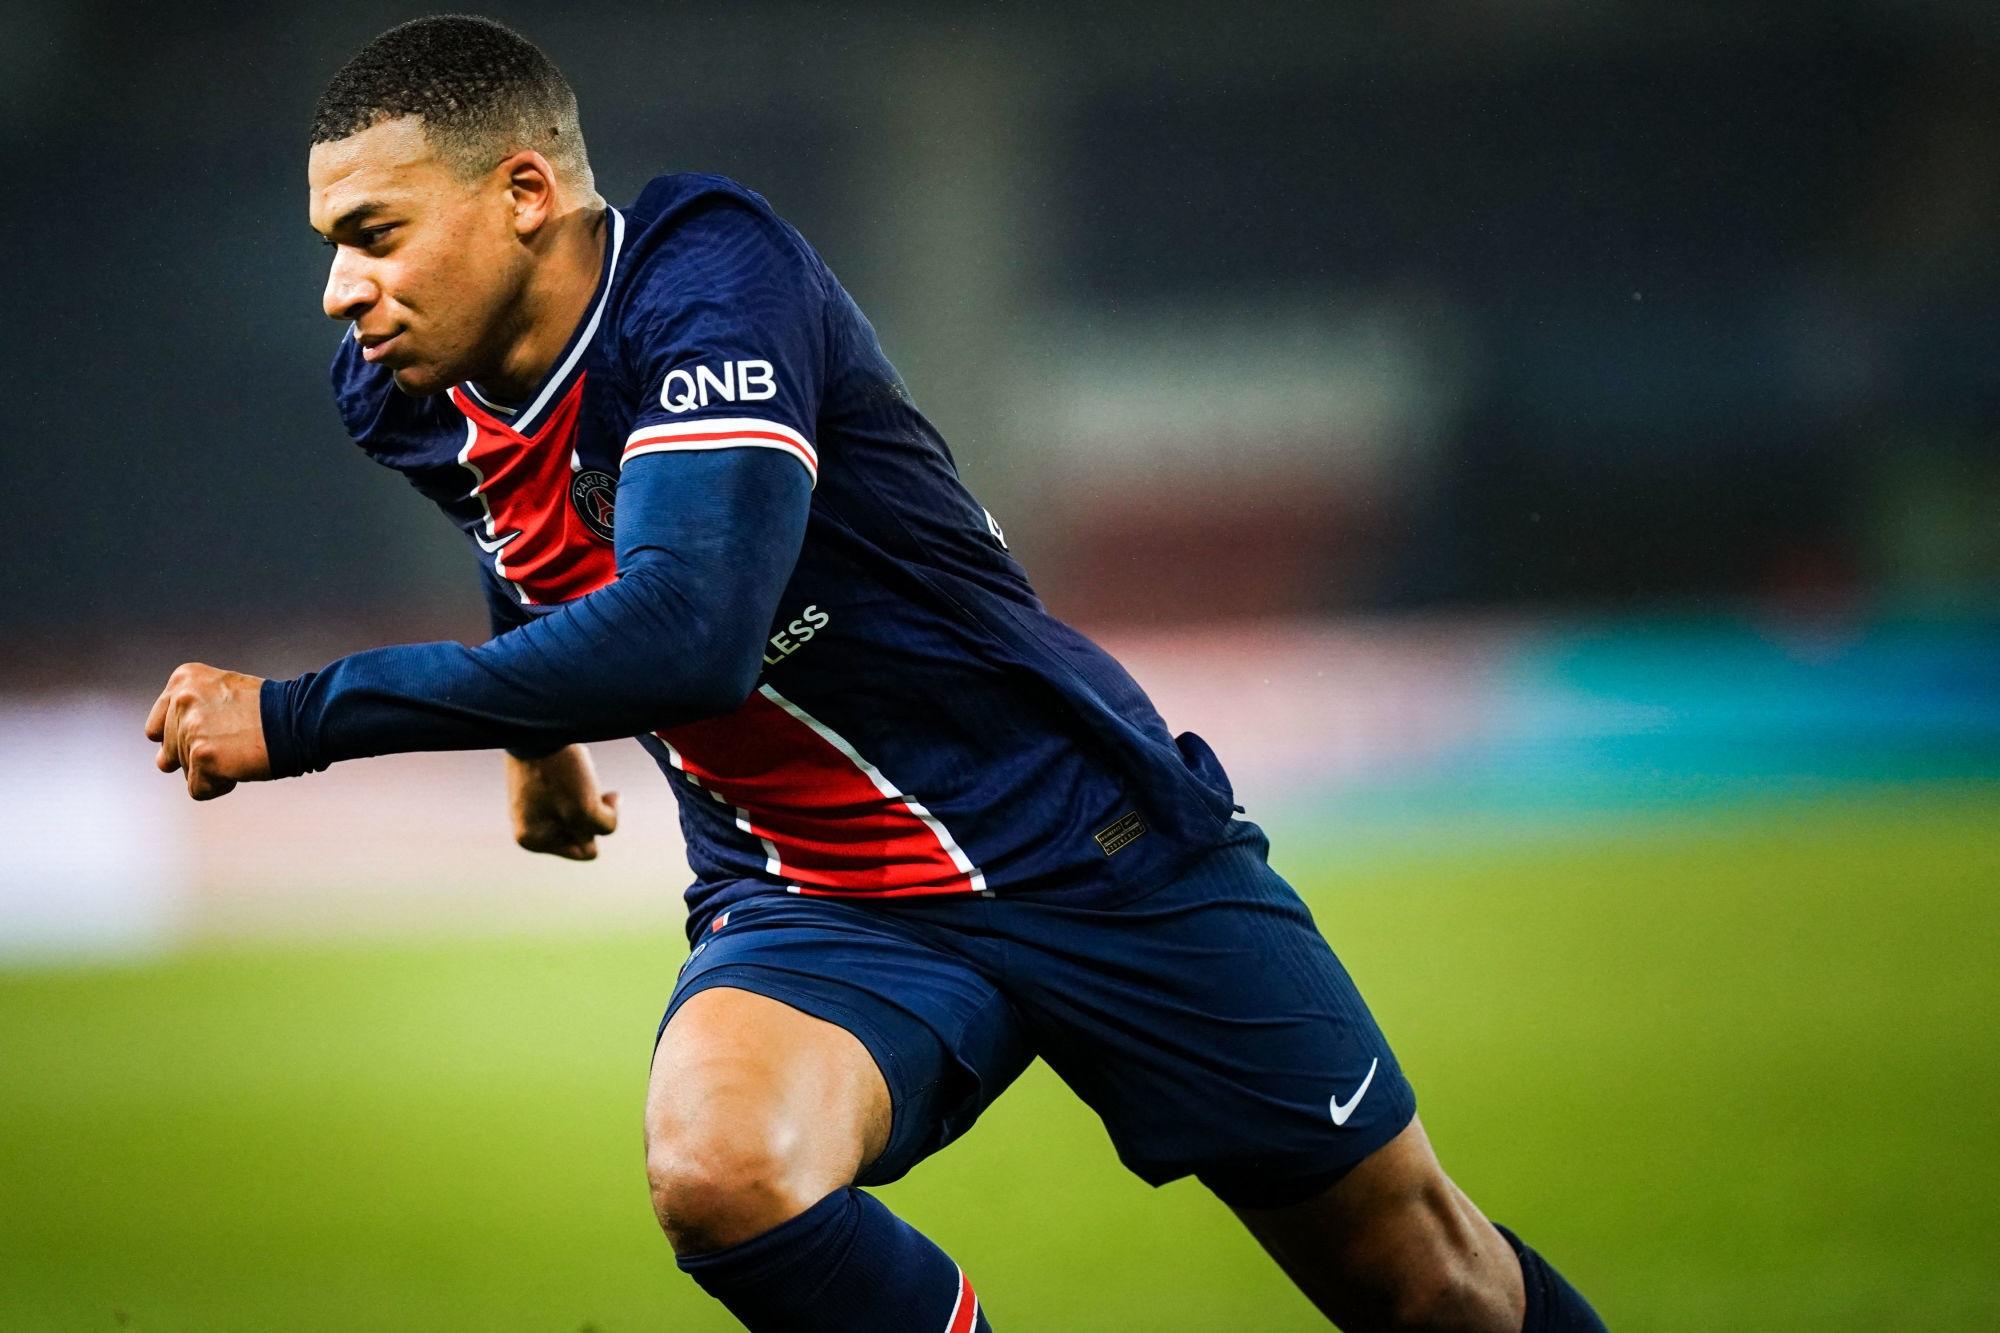 """Tournon raconte Mbappé """"Pour lui, c'était une évidence, il allait gagner presque tout le temps"""""""